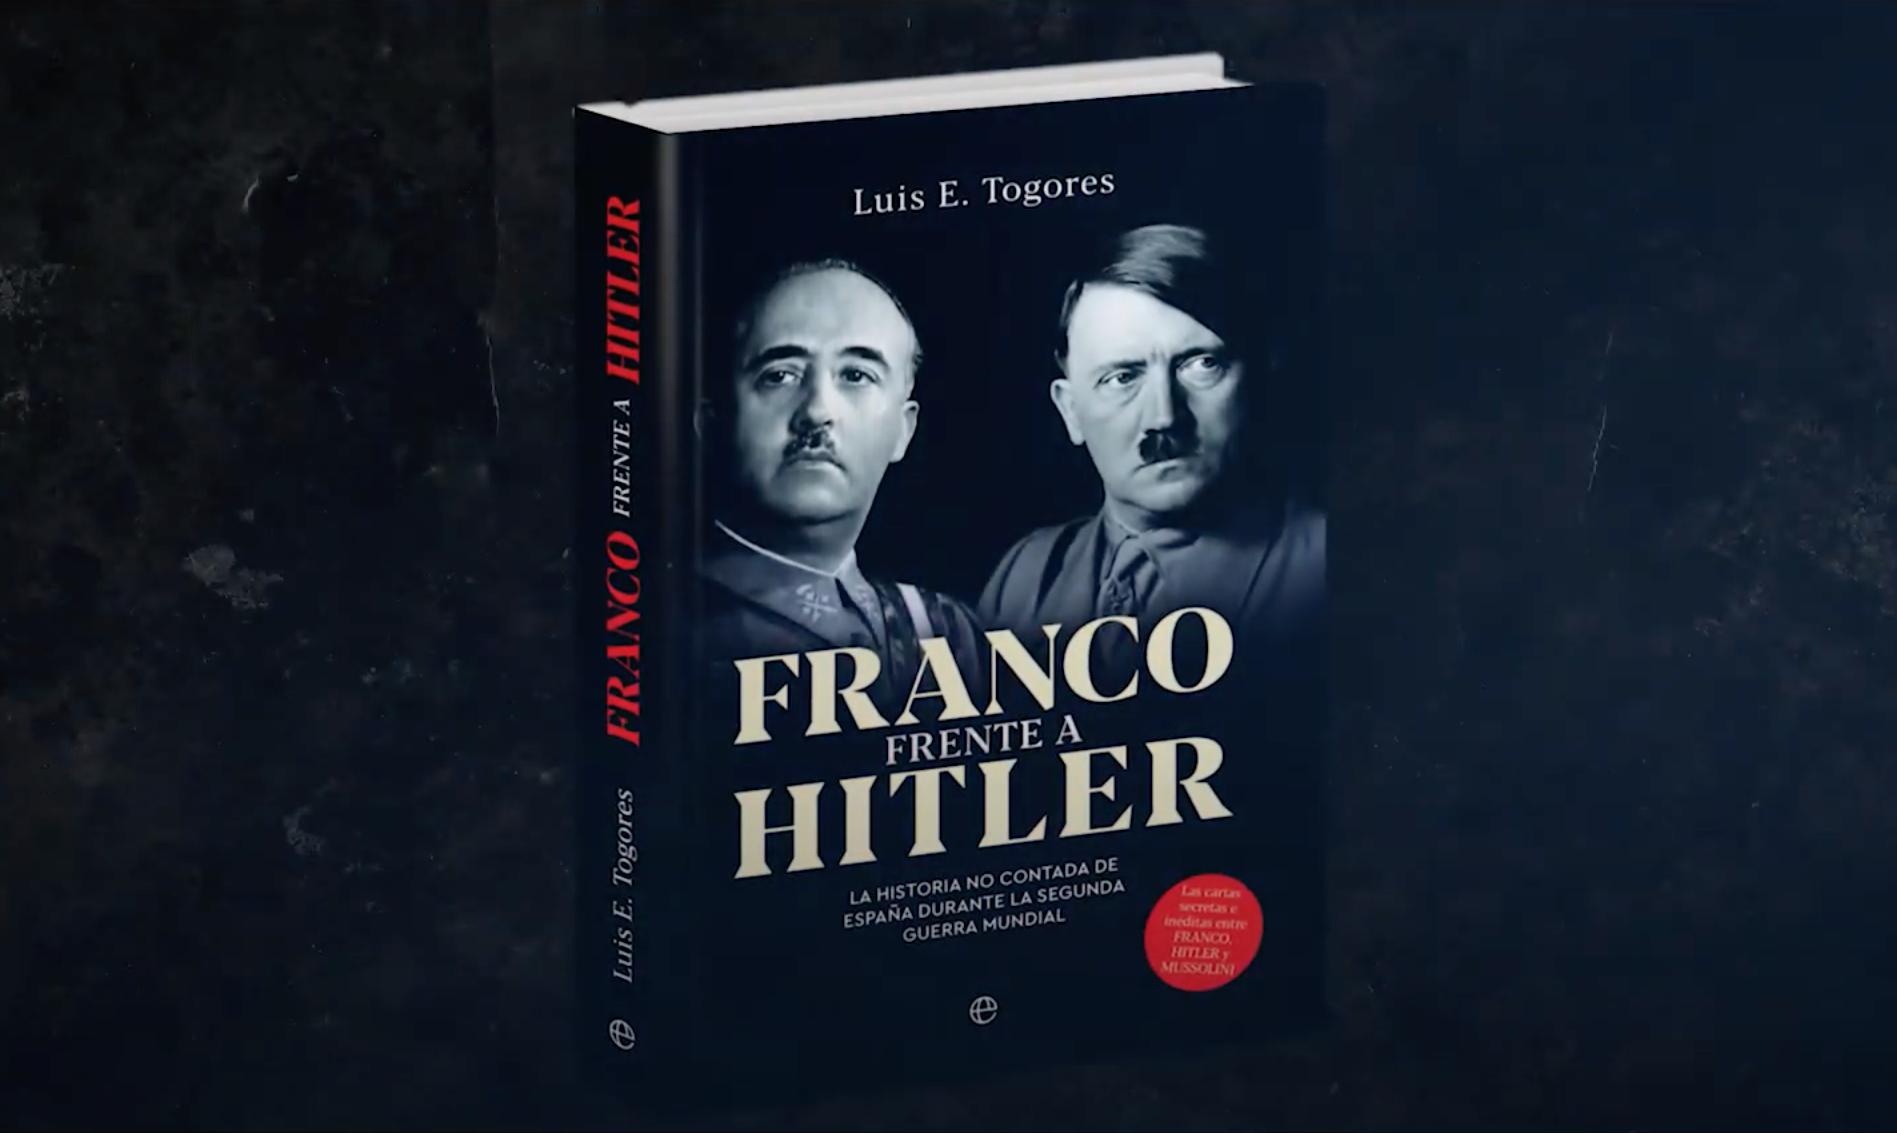 «Franco frente a Hitler», de Luis E. Togores, en la lista de los 30 mejores libros del 2020